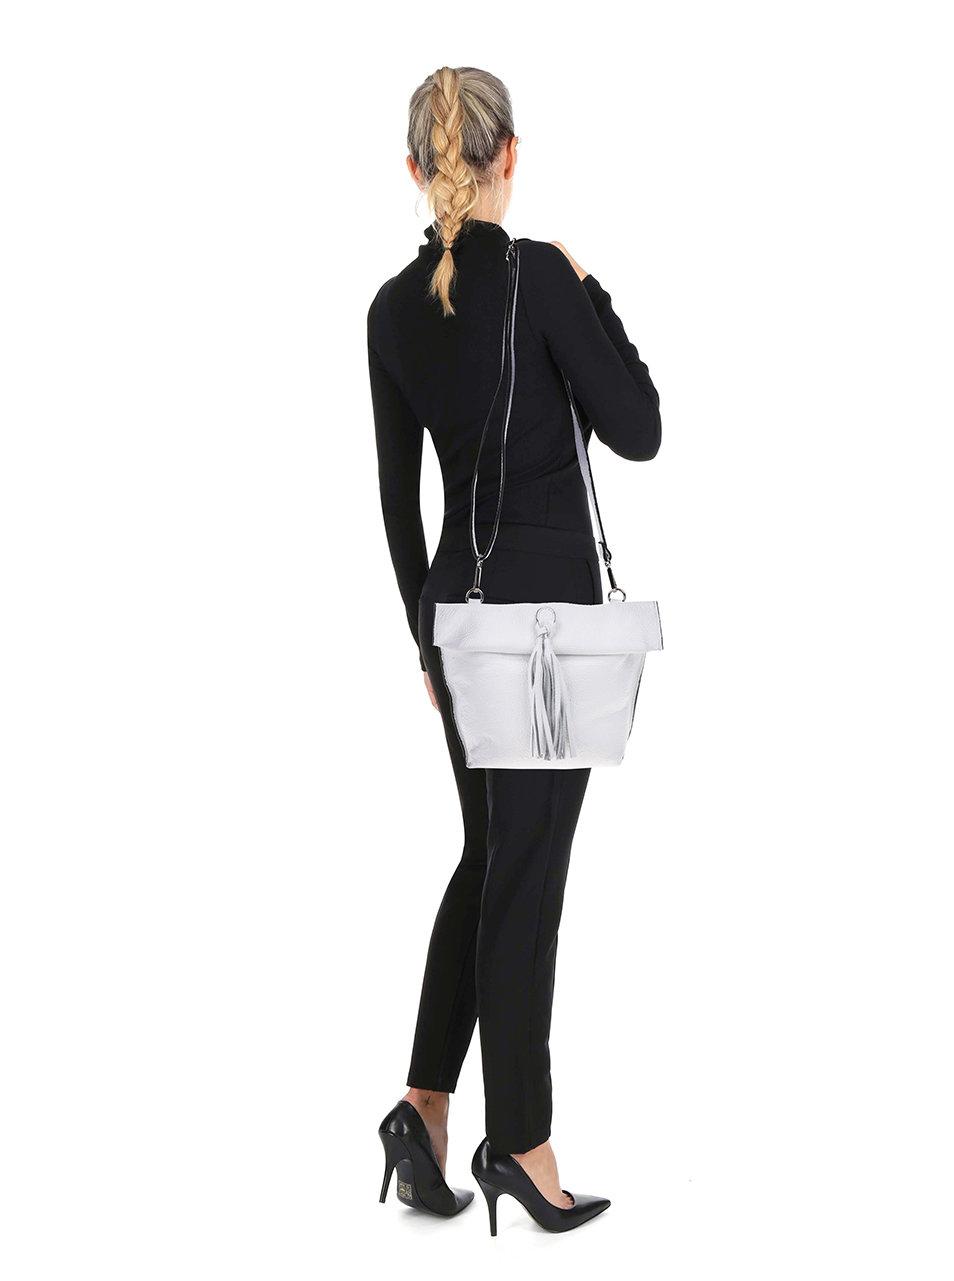 Biela kožená crossbody kabelka so strapcom ZOOT ... d98bf7594ca